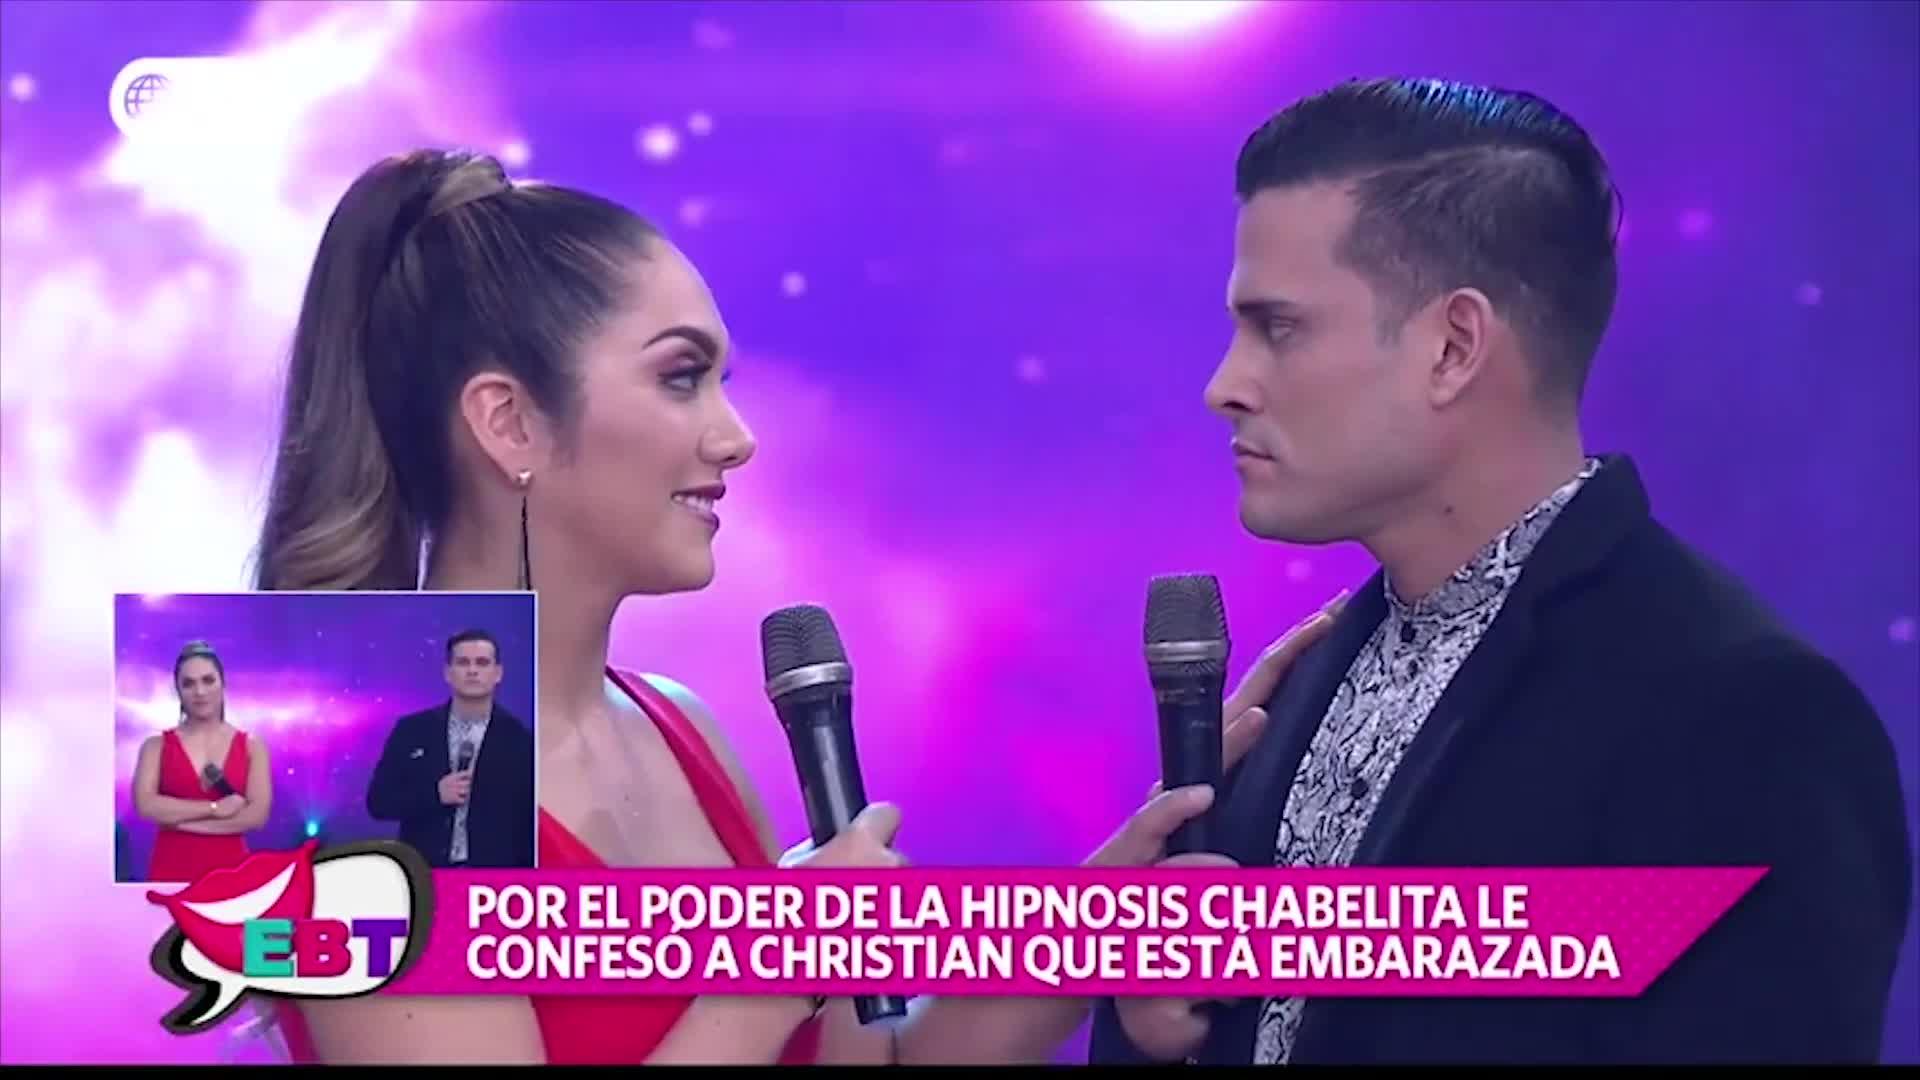 Se acabó el amor: revive algunos de los momentos felices entre Christian y 'Chabelita'